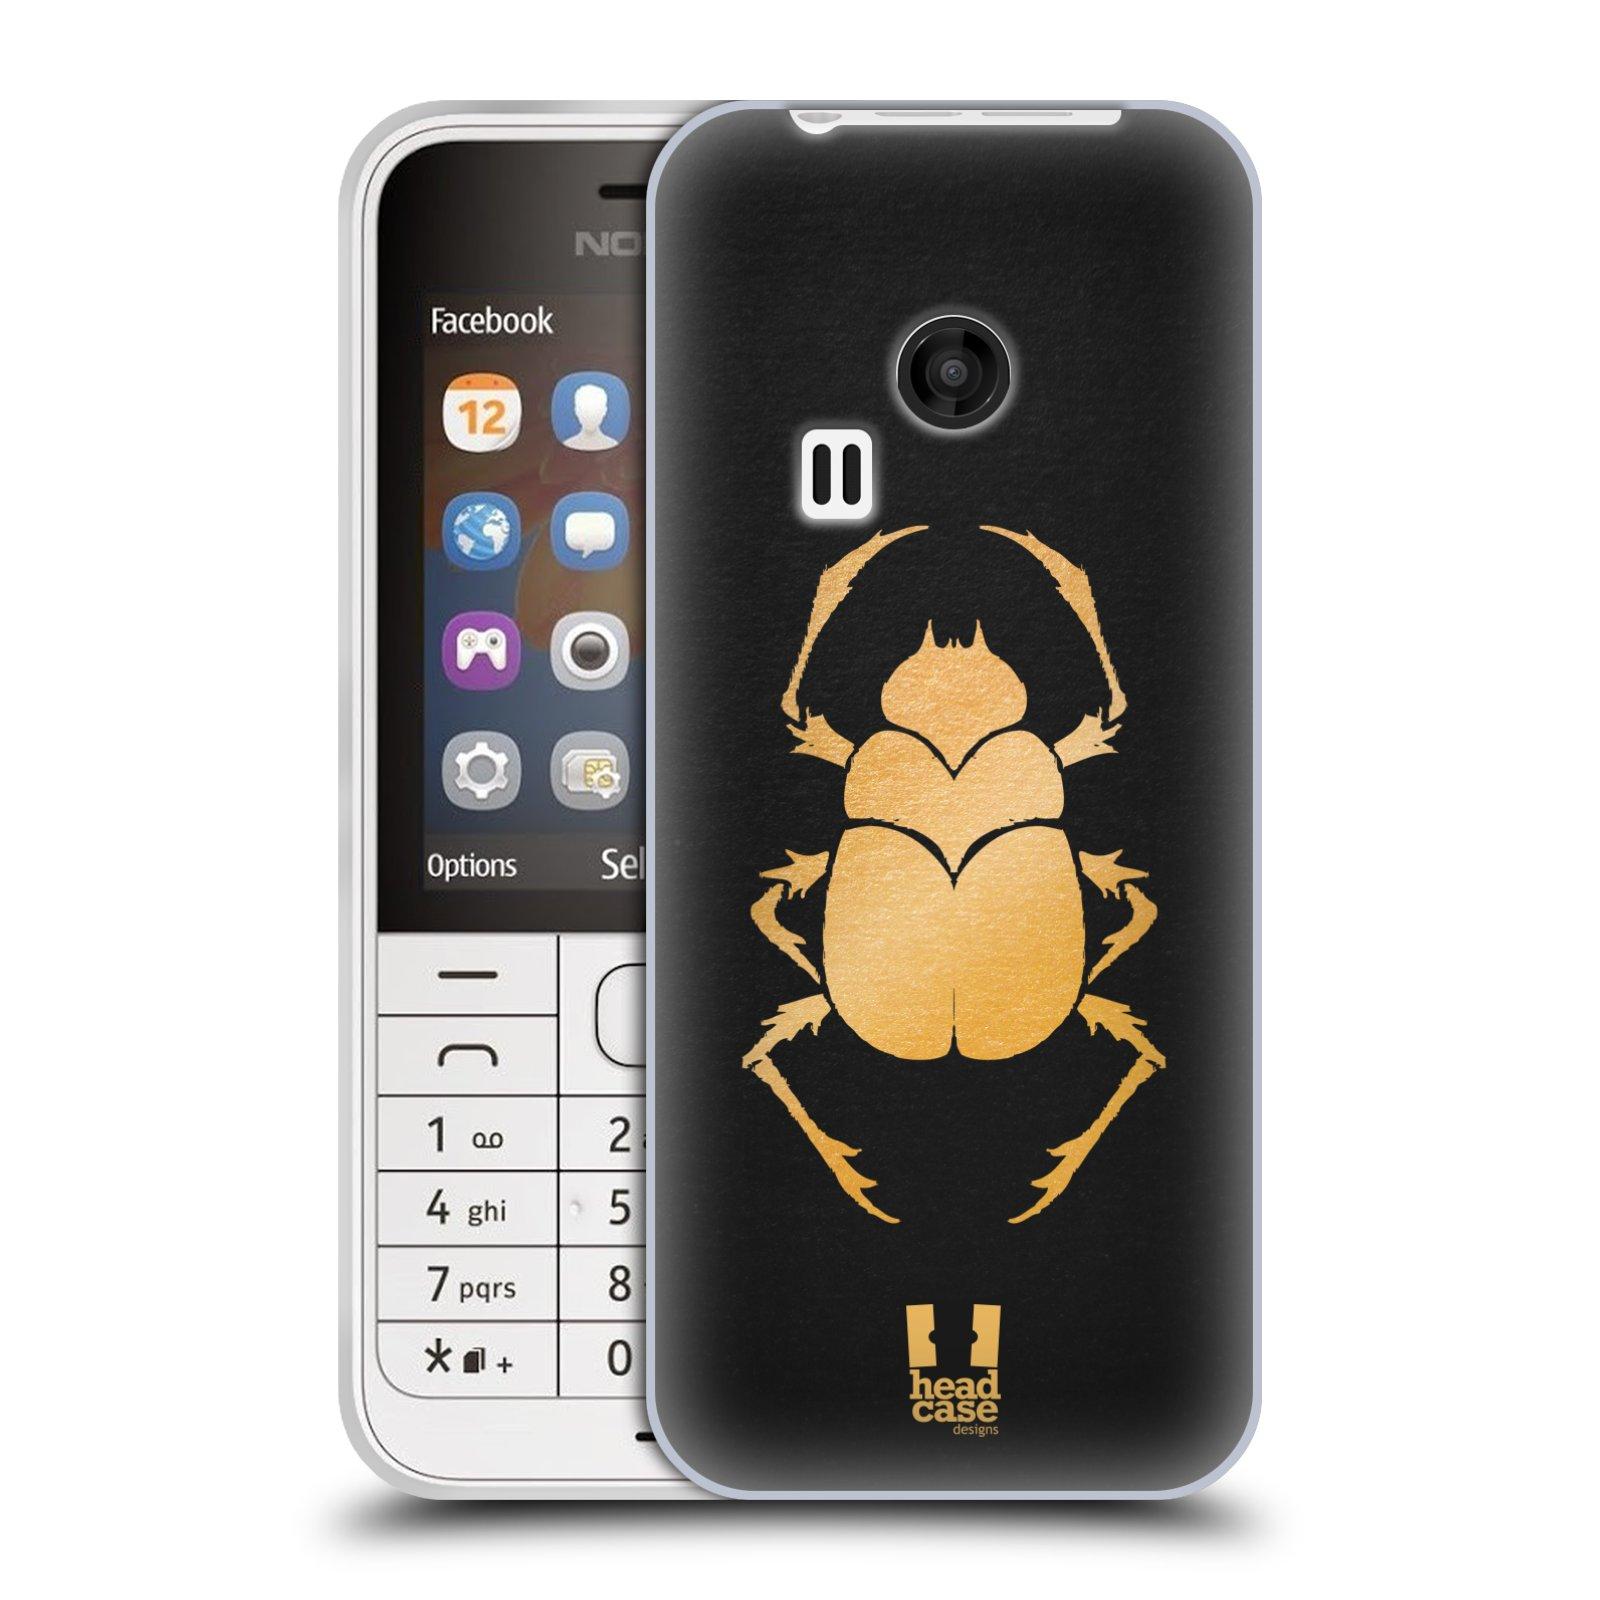 Silikonové pouzdro na mobil Nokia 220 HEAD CASE EGYPT SCARABEUS (Silikonový kryt či obal na mobilní telefon Nokia 220 a 220 Dual SIM)